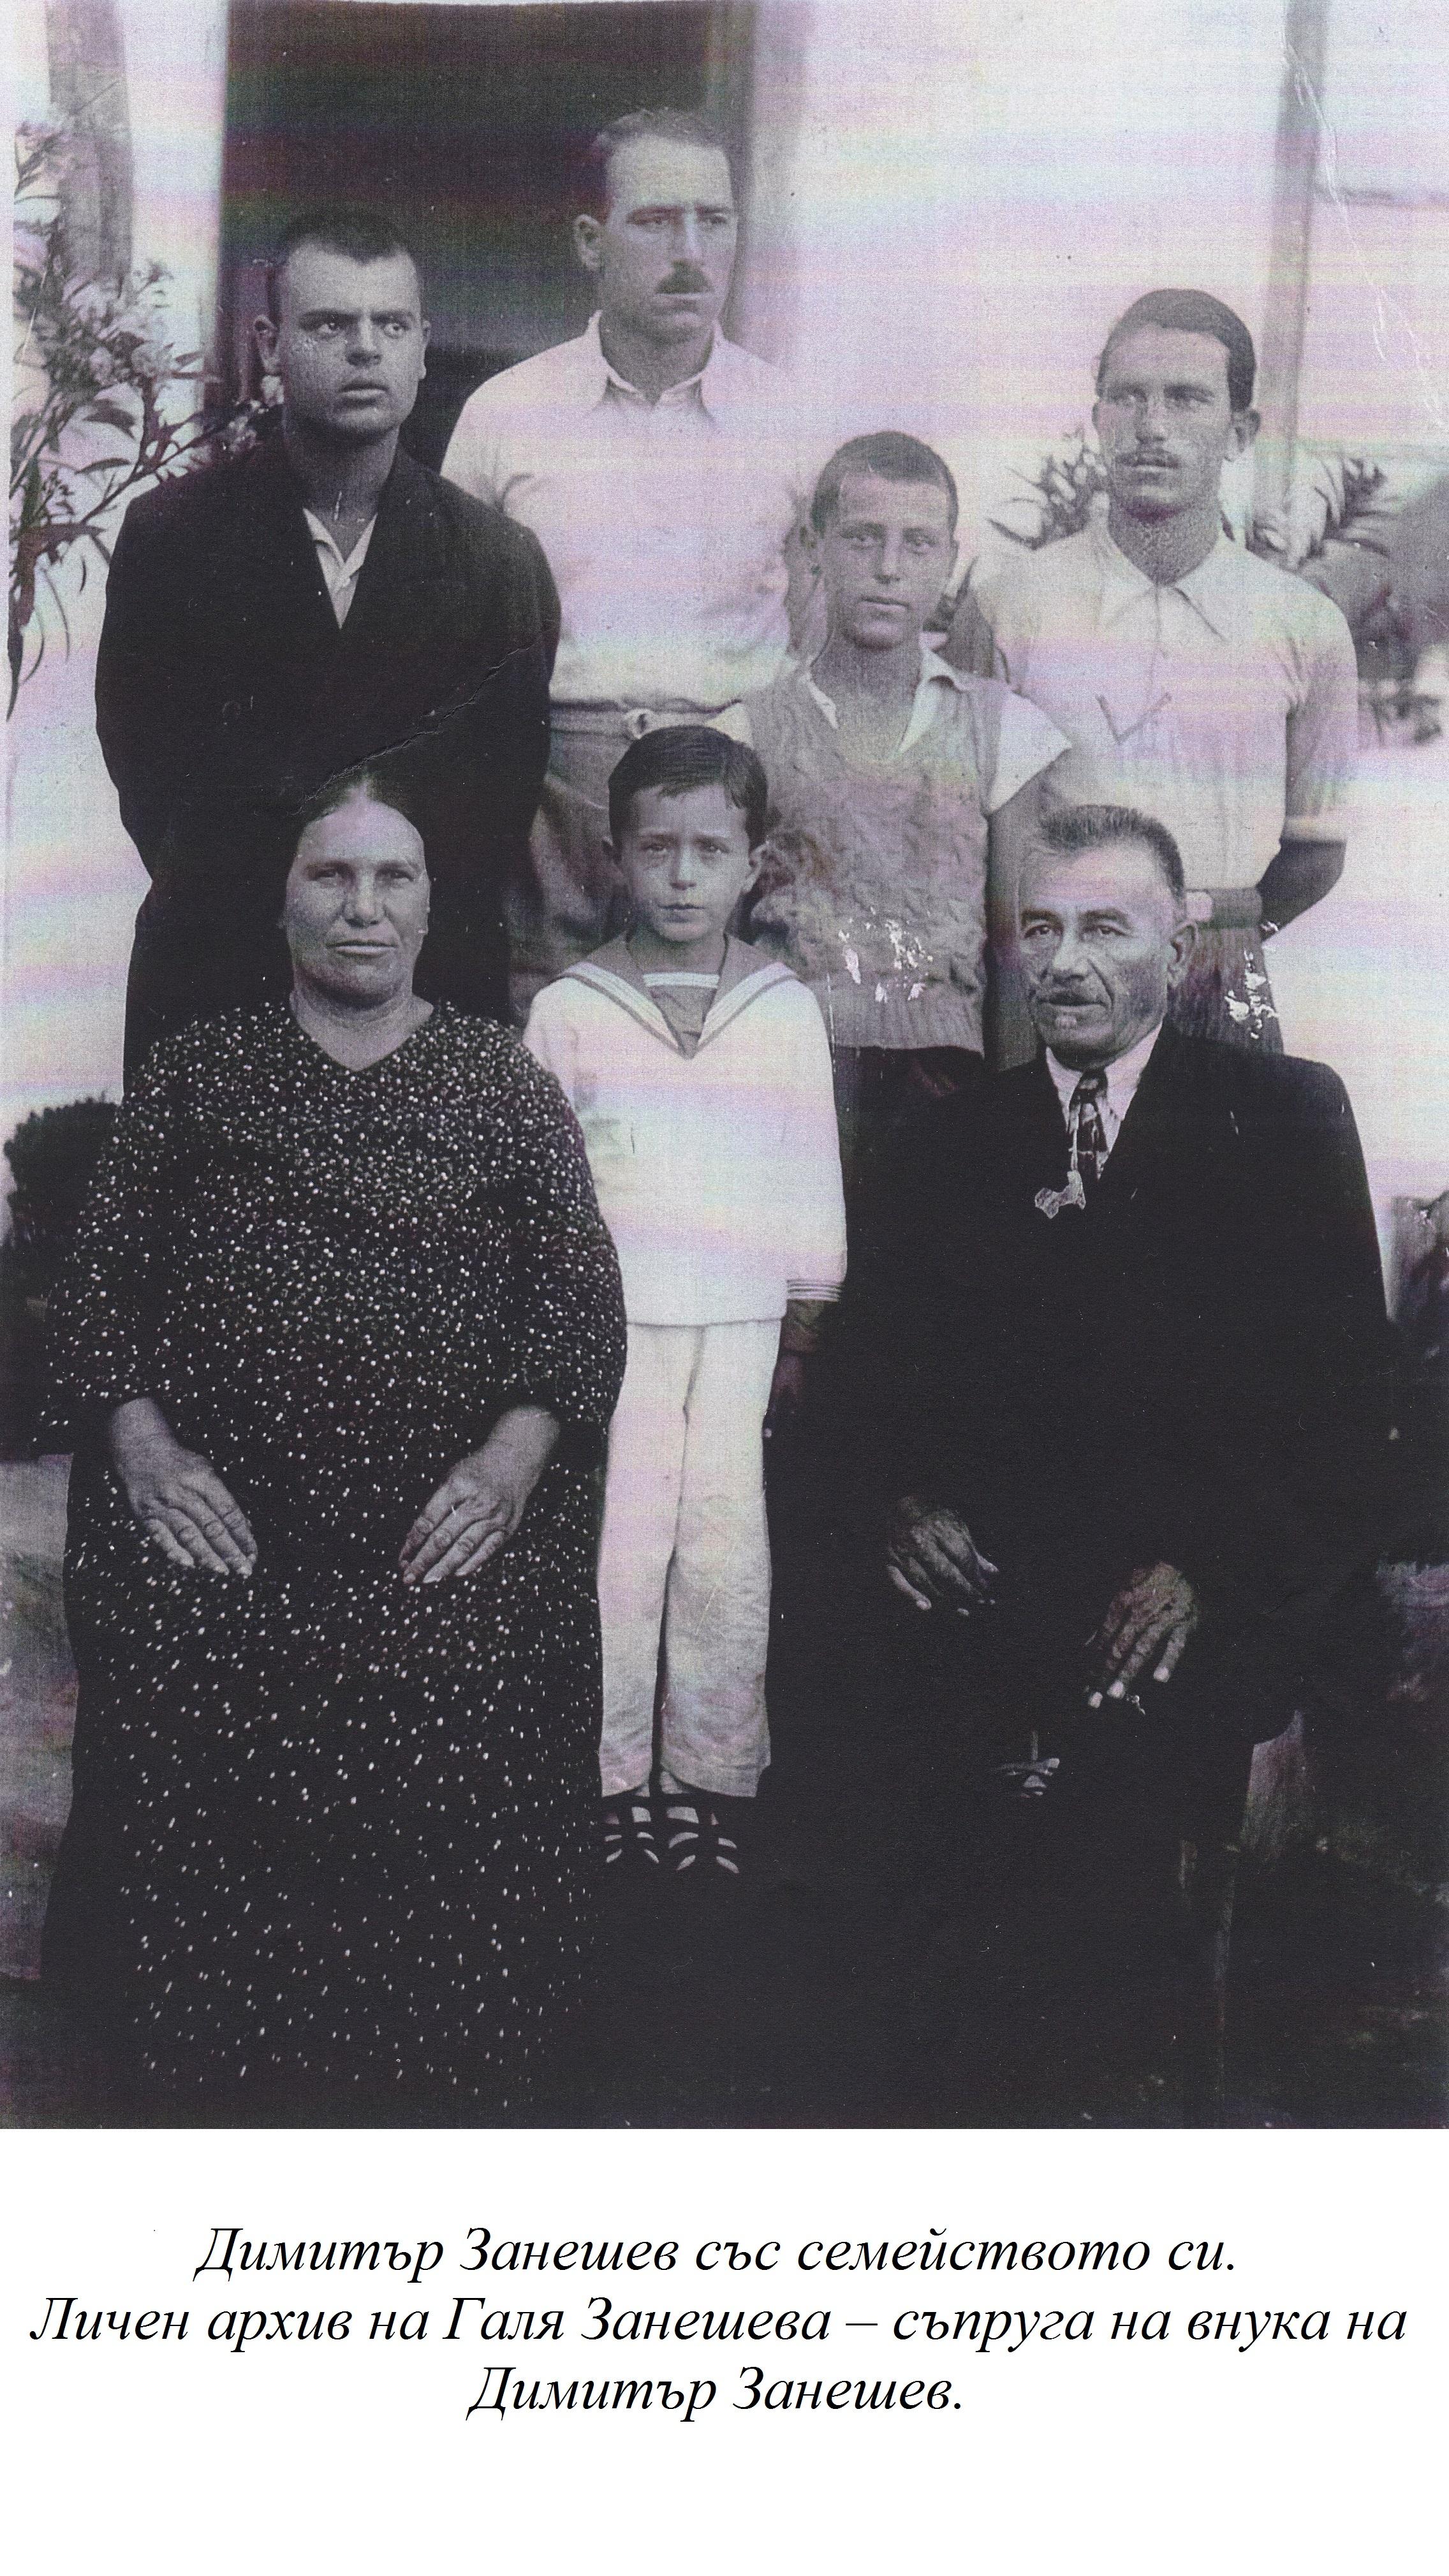 Димитър Занешев - семейна (1) snimka2